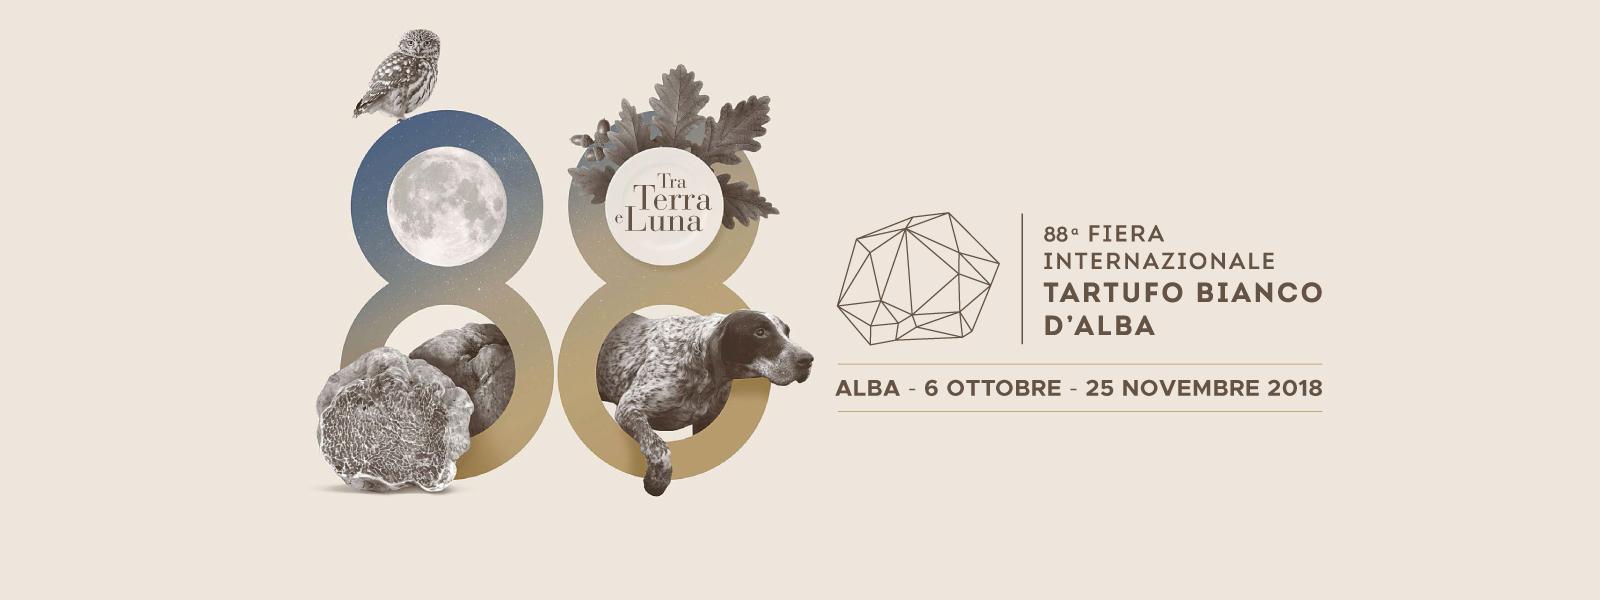 FIERA INTERNAZIONALE DEL TARTUFO BIANCO DI ALBA 2018.jpg